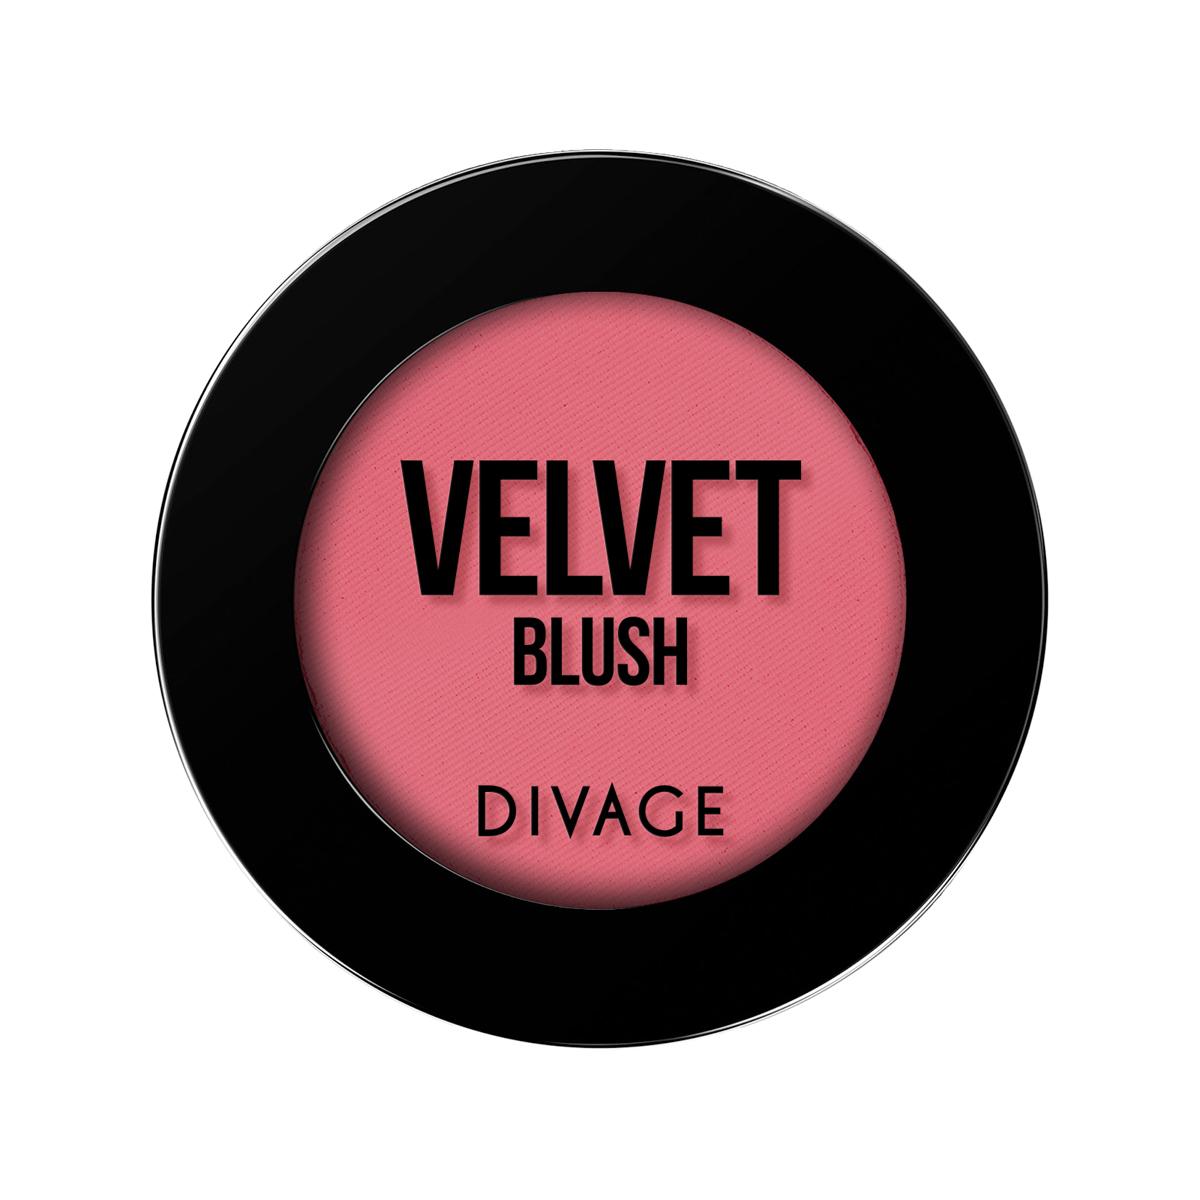 DIVAGE Румяна компактные VELVET, тон № 8704, 4 гр.002722Румяна VELVET - это естественный оттенок утренней свежести, придающий лицу сияющий и отдохнувший вид. Румяна с деликатным матовым эффектом создают максимально естественный образ. Формула с мелкодисперсной текстурой не перегружает макияж. Стойкий цветовой пигмент сохраняется в течение всего дня. Палитра из четырёх оттенков позволяет использовать этот продукт как для придания легкого румянца, так и для коррекции овала лица.Свежий, нежный или насыщенный игривый румянец - вот что делает наше лицо по-настоящему светящимся! Больше всего свежести макияжу придадут персиковые и розовые оттенки. Если твоя кожа имеет тёплый бежевый или золотистый оттенок, выбирай персиковую палитру румян. Розовый румянец больше подойдет девушкам с холодным оттенком кожи. Цветные румяна наноси по центру щеки, совершая мягкие круговые движения кистью. Коричневые и бронзовые цвета можно использовать в качестве корректирующих румян, накладывая их в зону скулы и по контуру лица